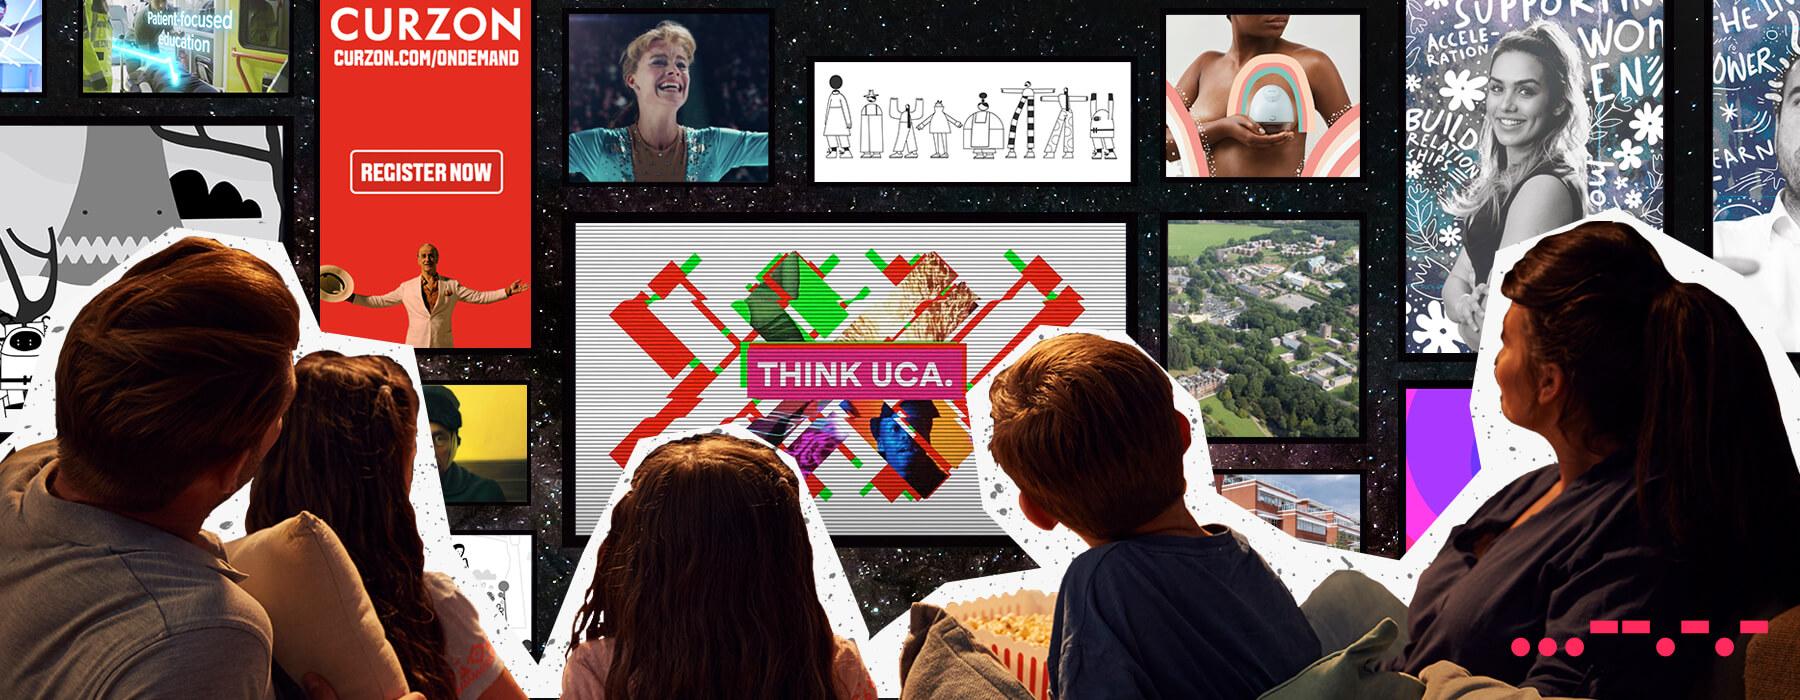 Advertising banner image